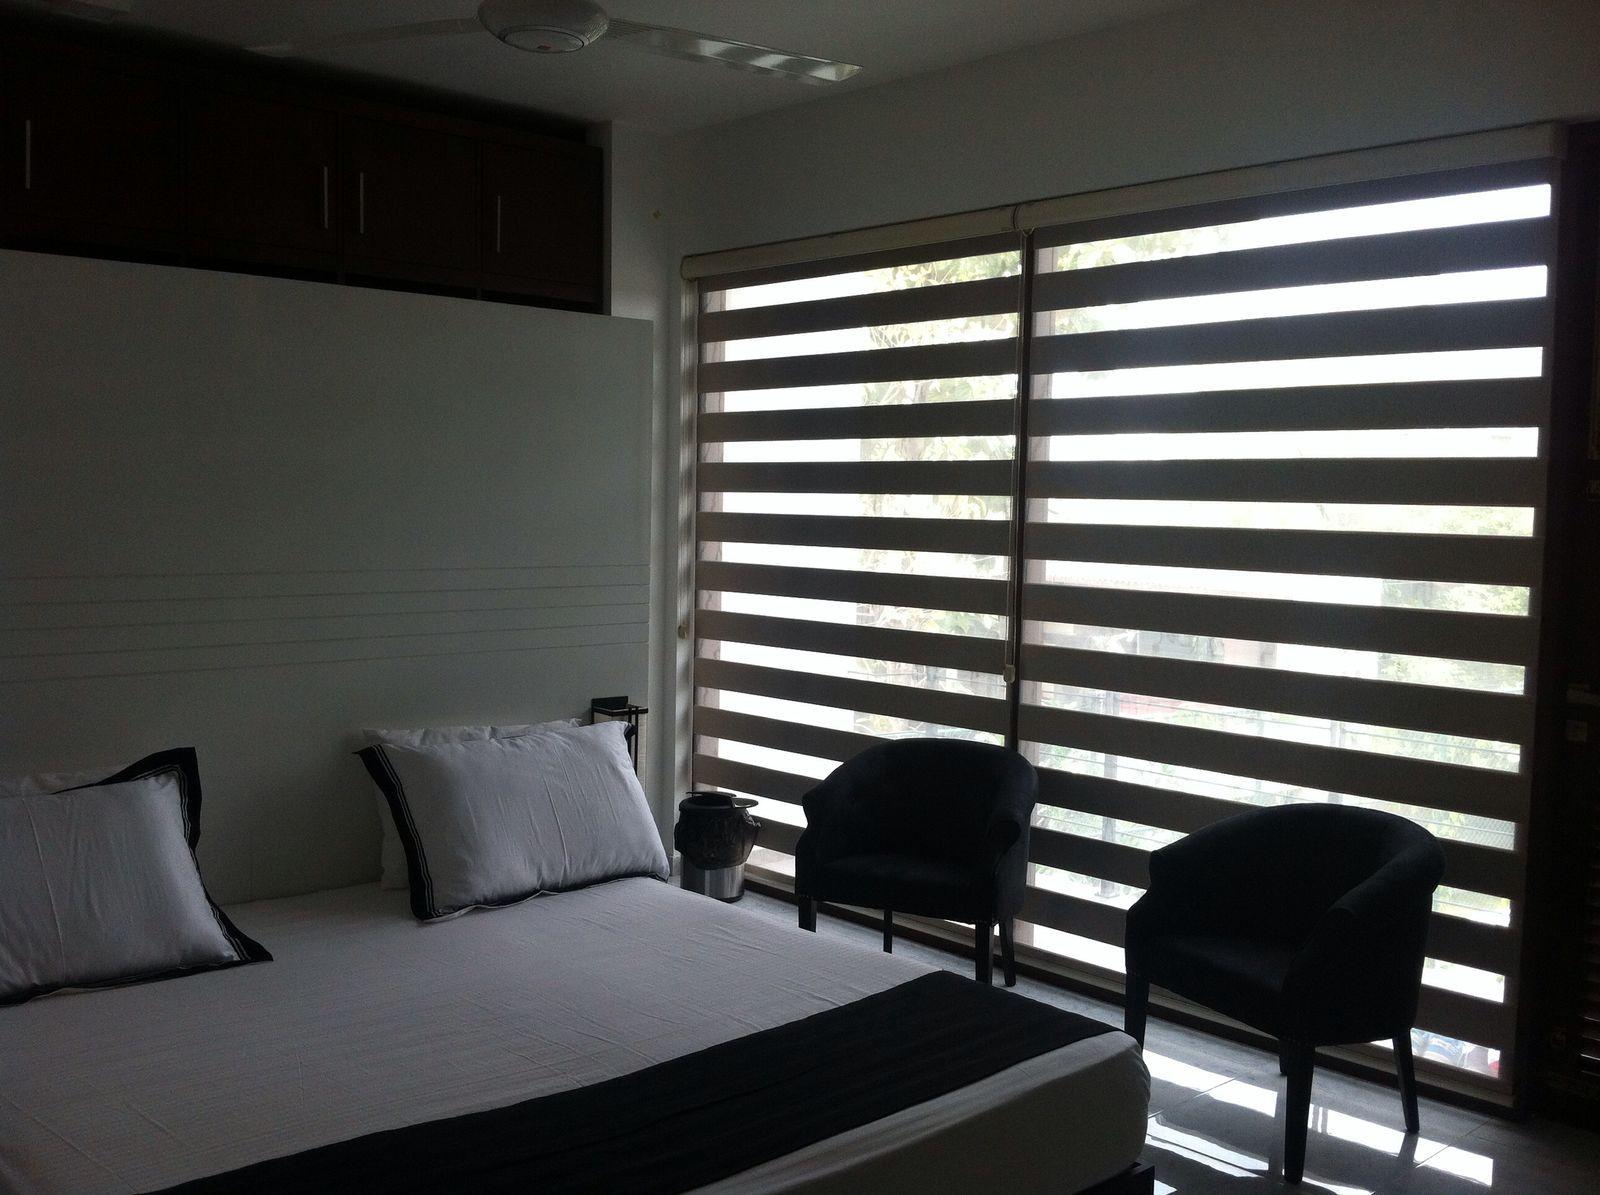 Zebra Blinds Window Blinds Light Amp Shade Sri Lanka